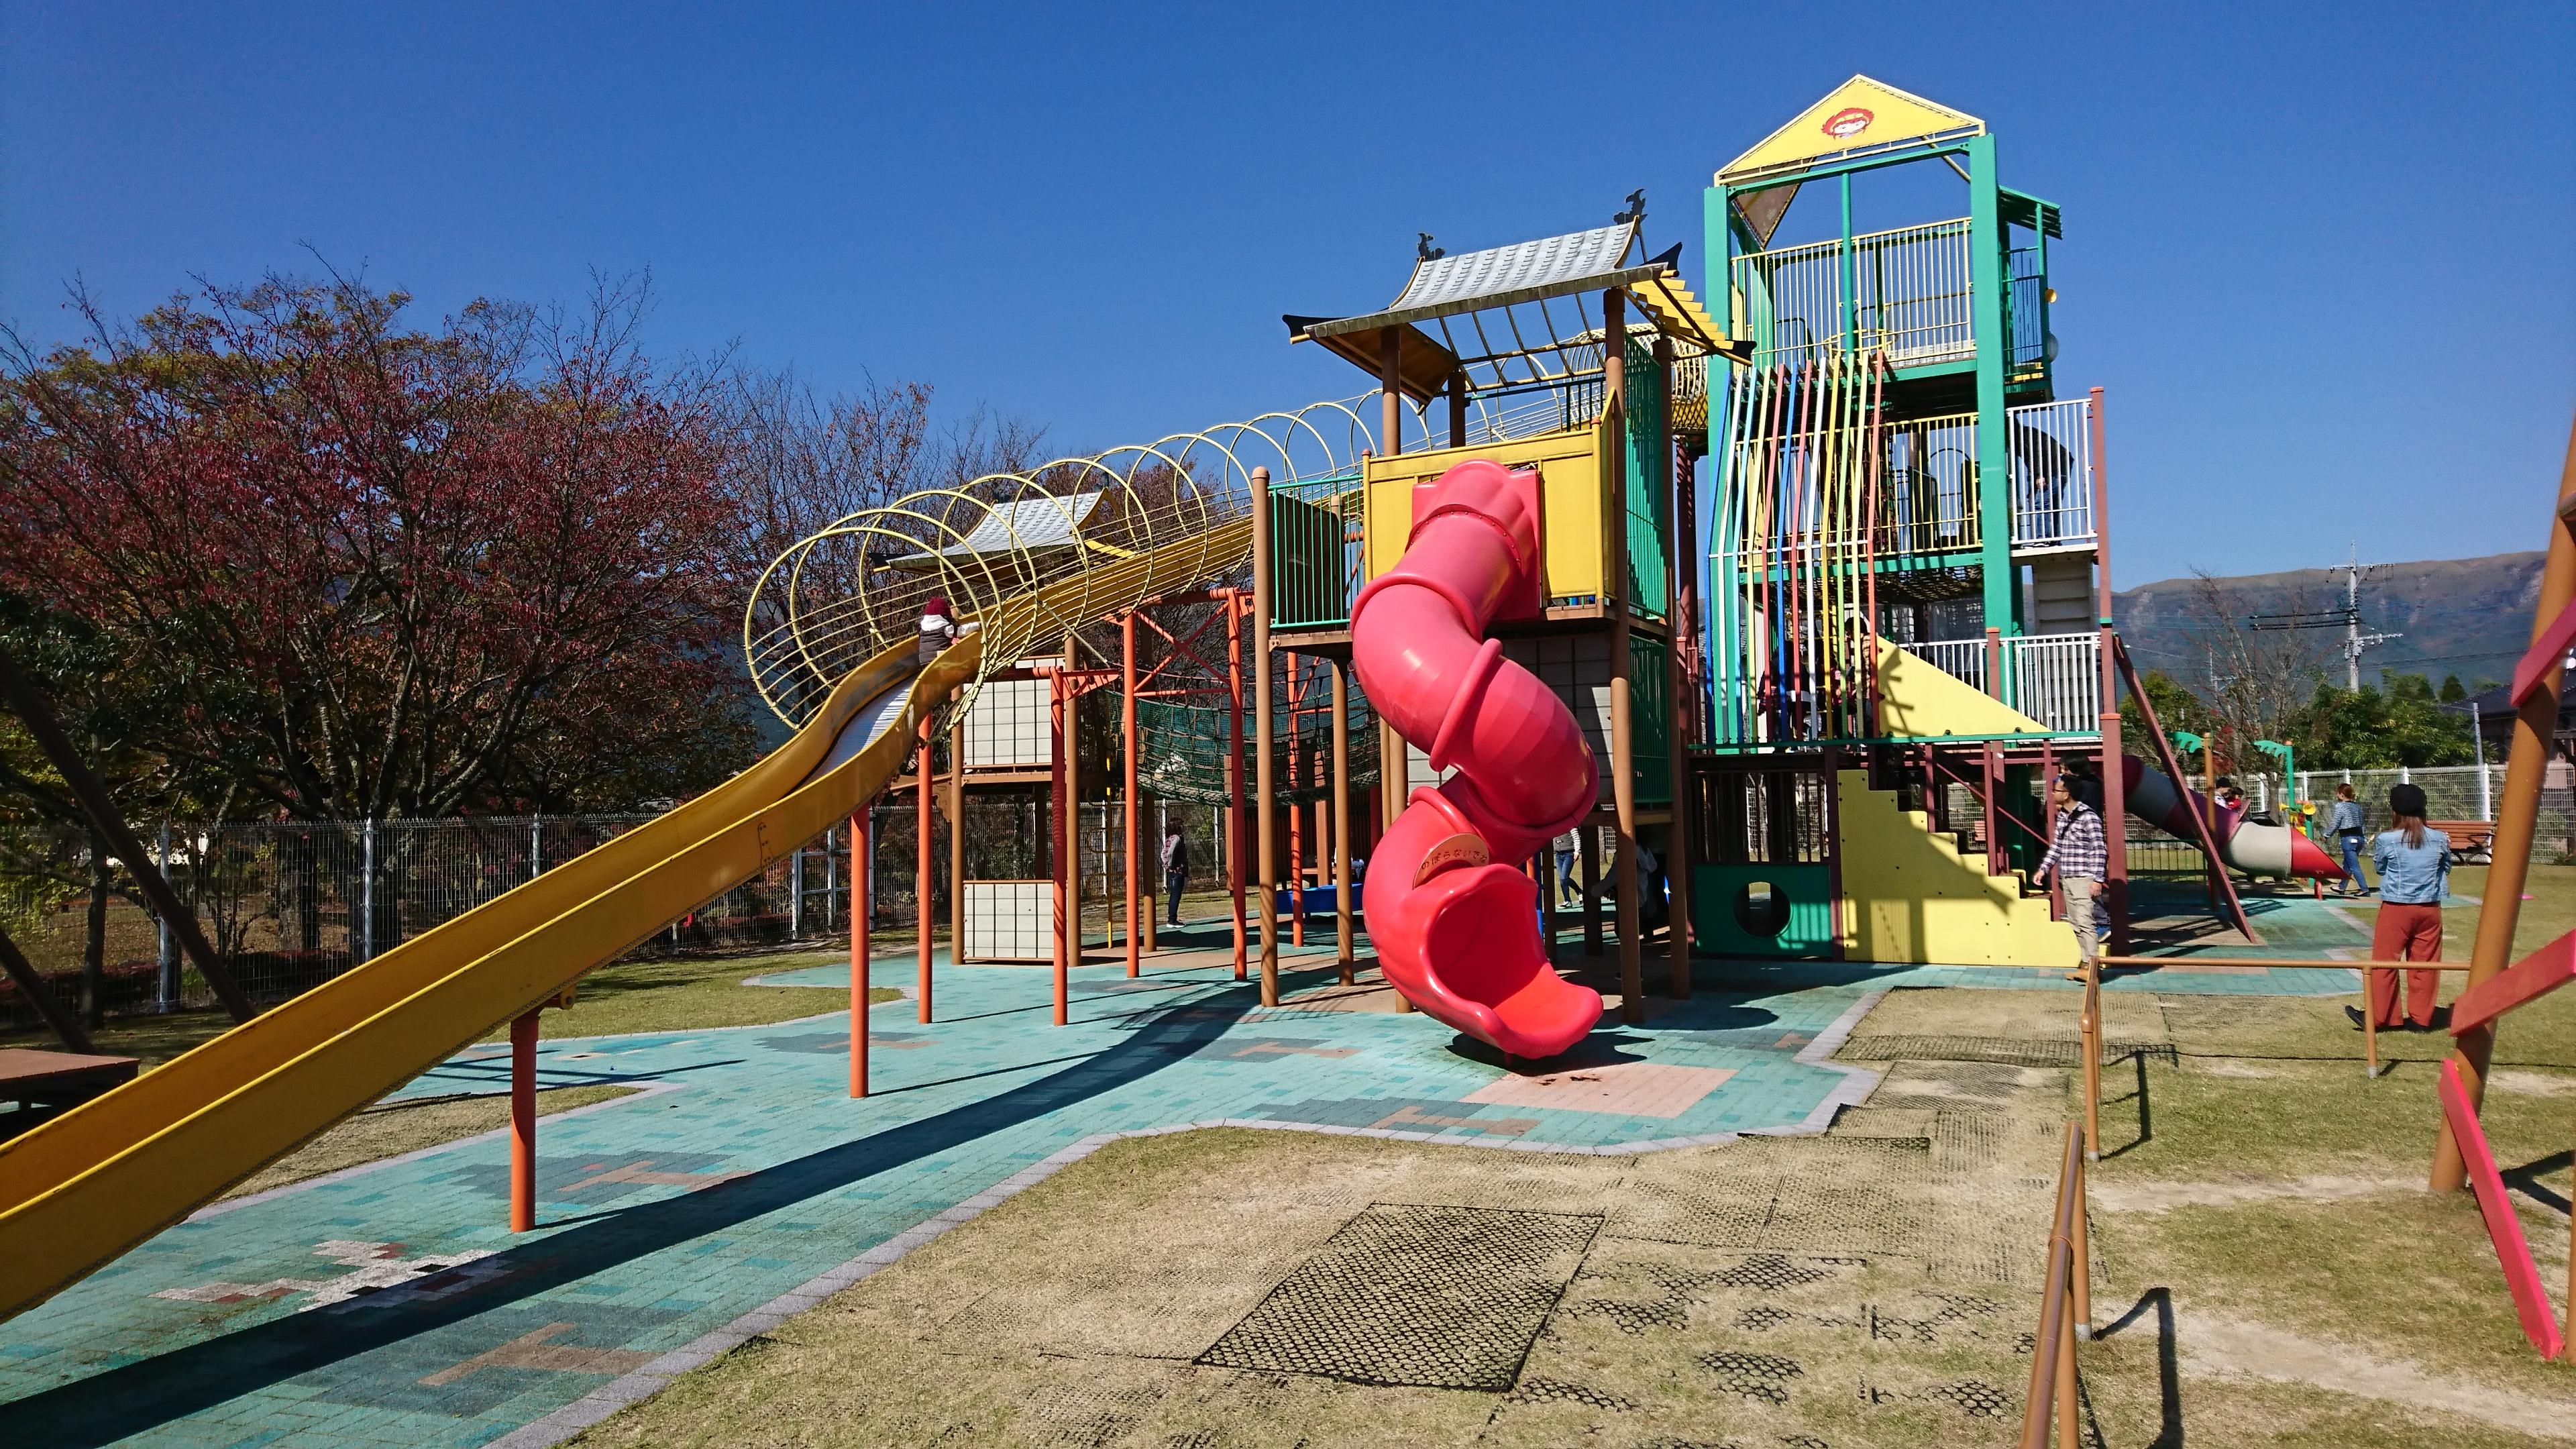 【あそ☆ビバ】内牧温泉街にある子供が大喜びする公園